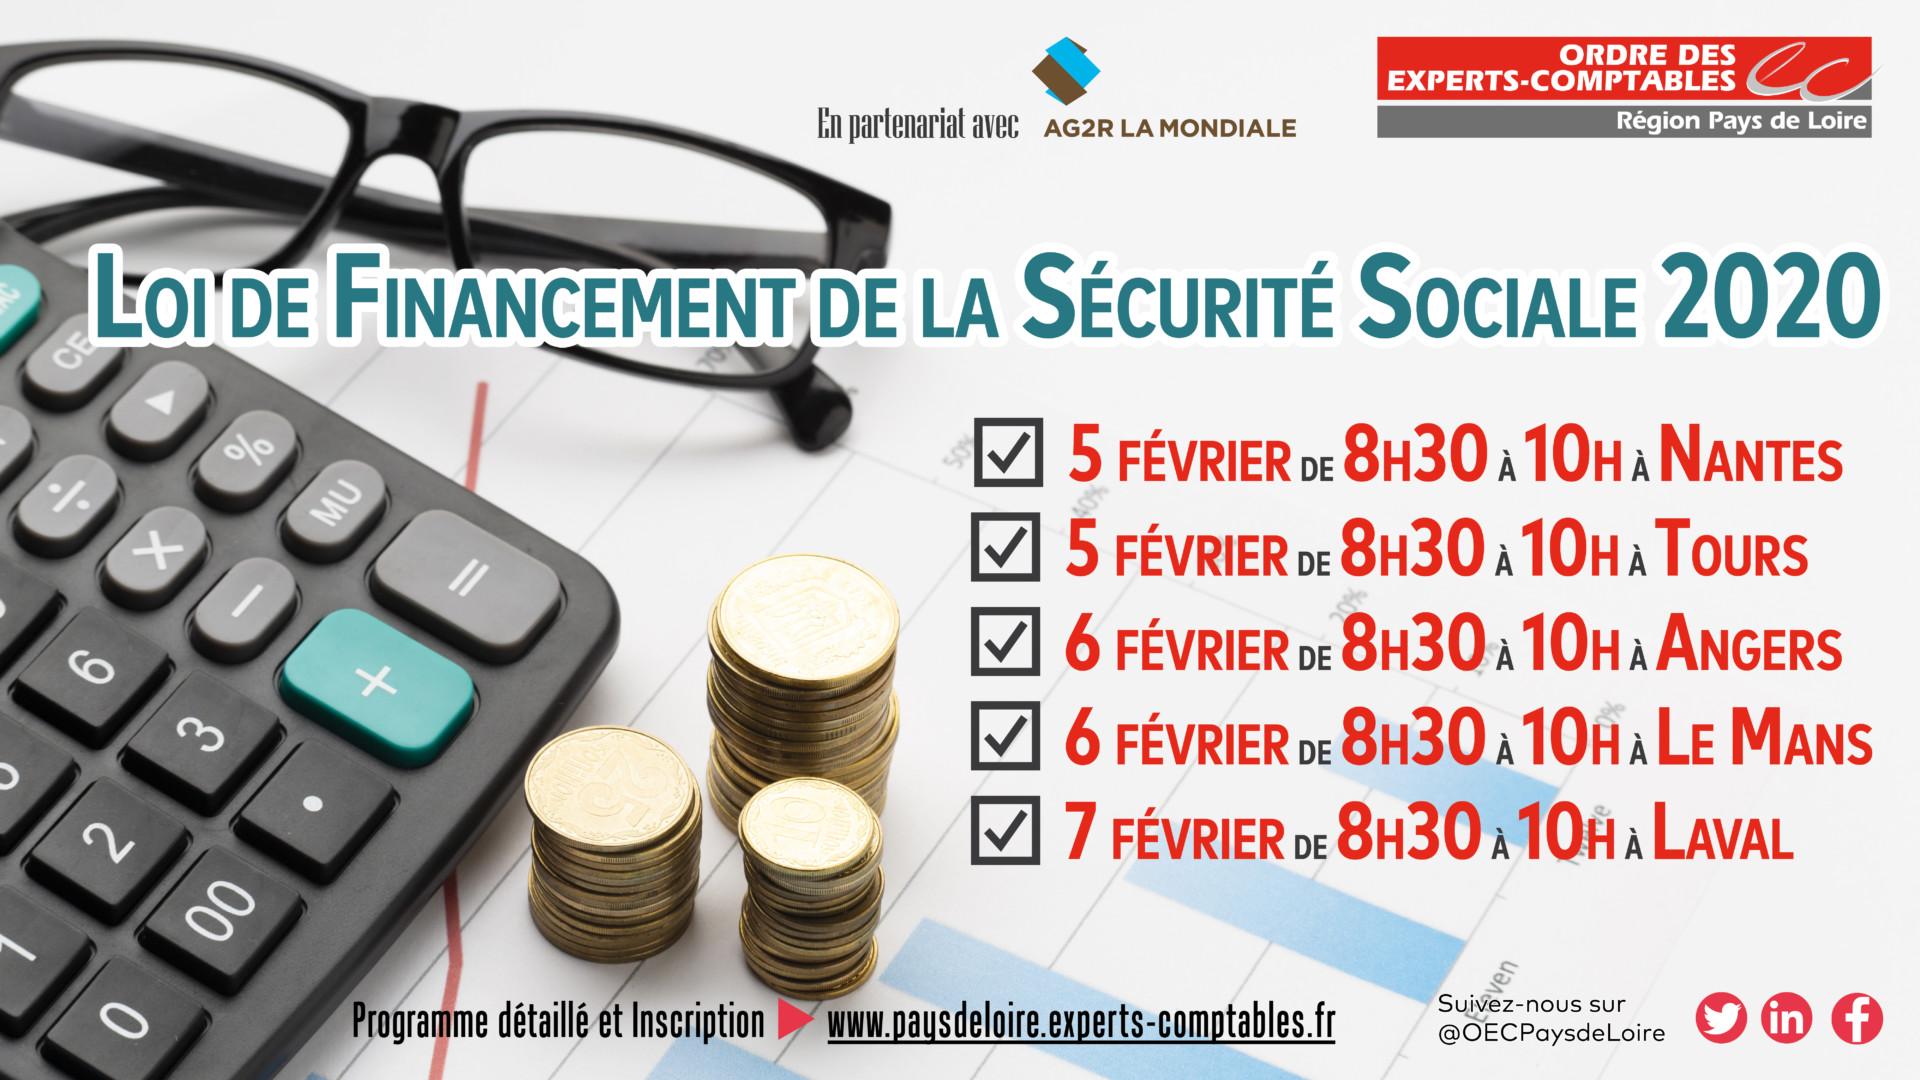 Loi de Financement de la Sécurité Sociale 2020